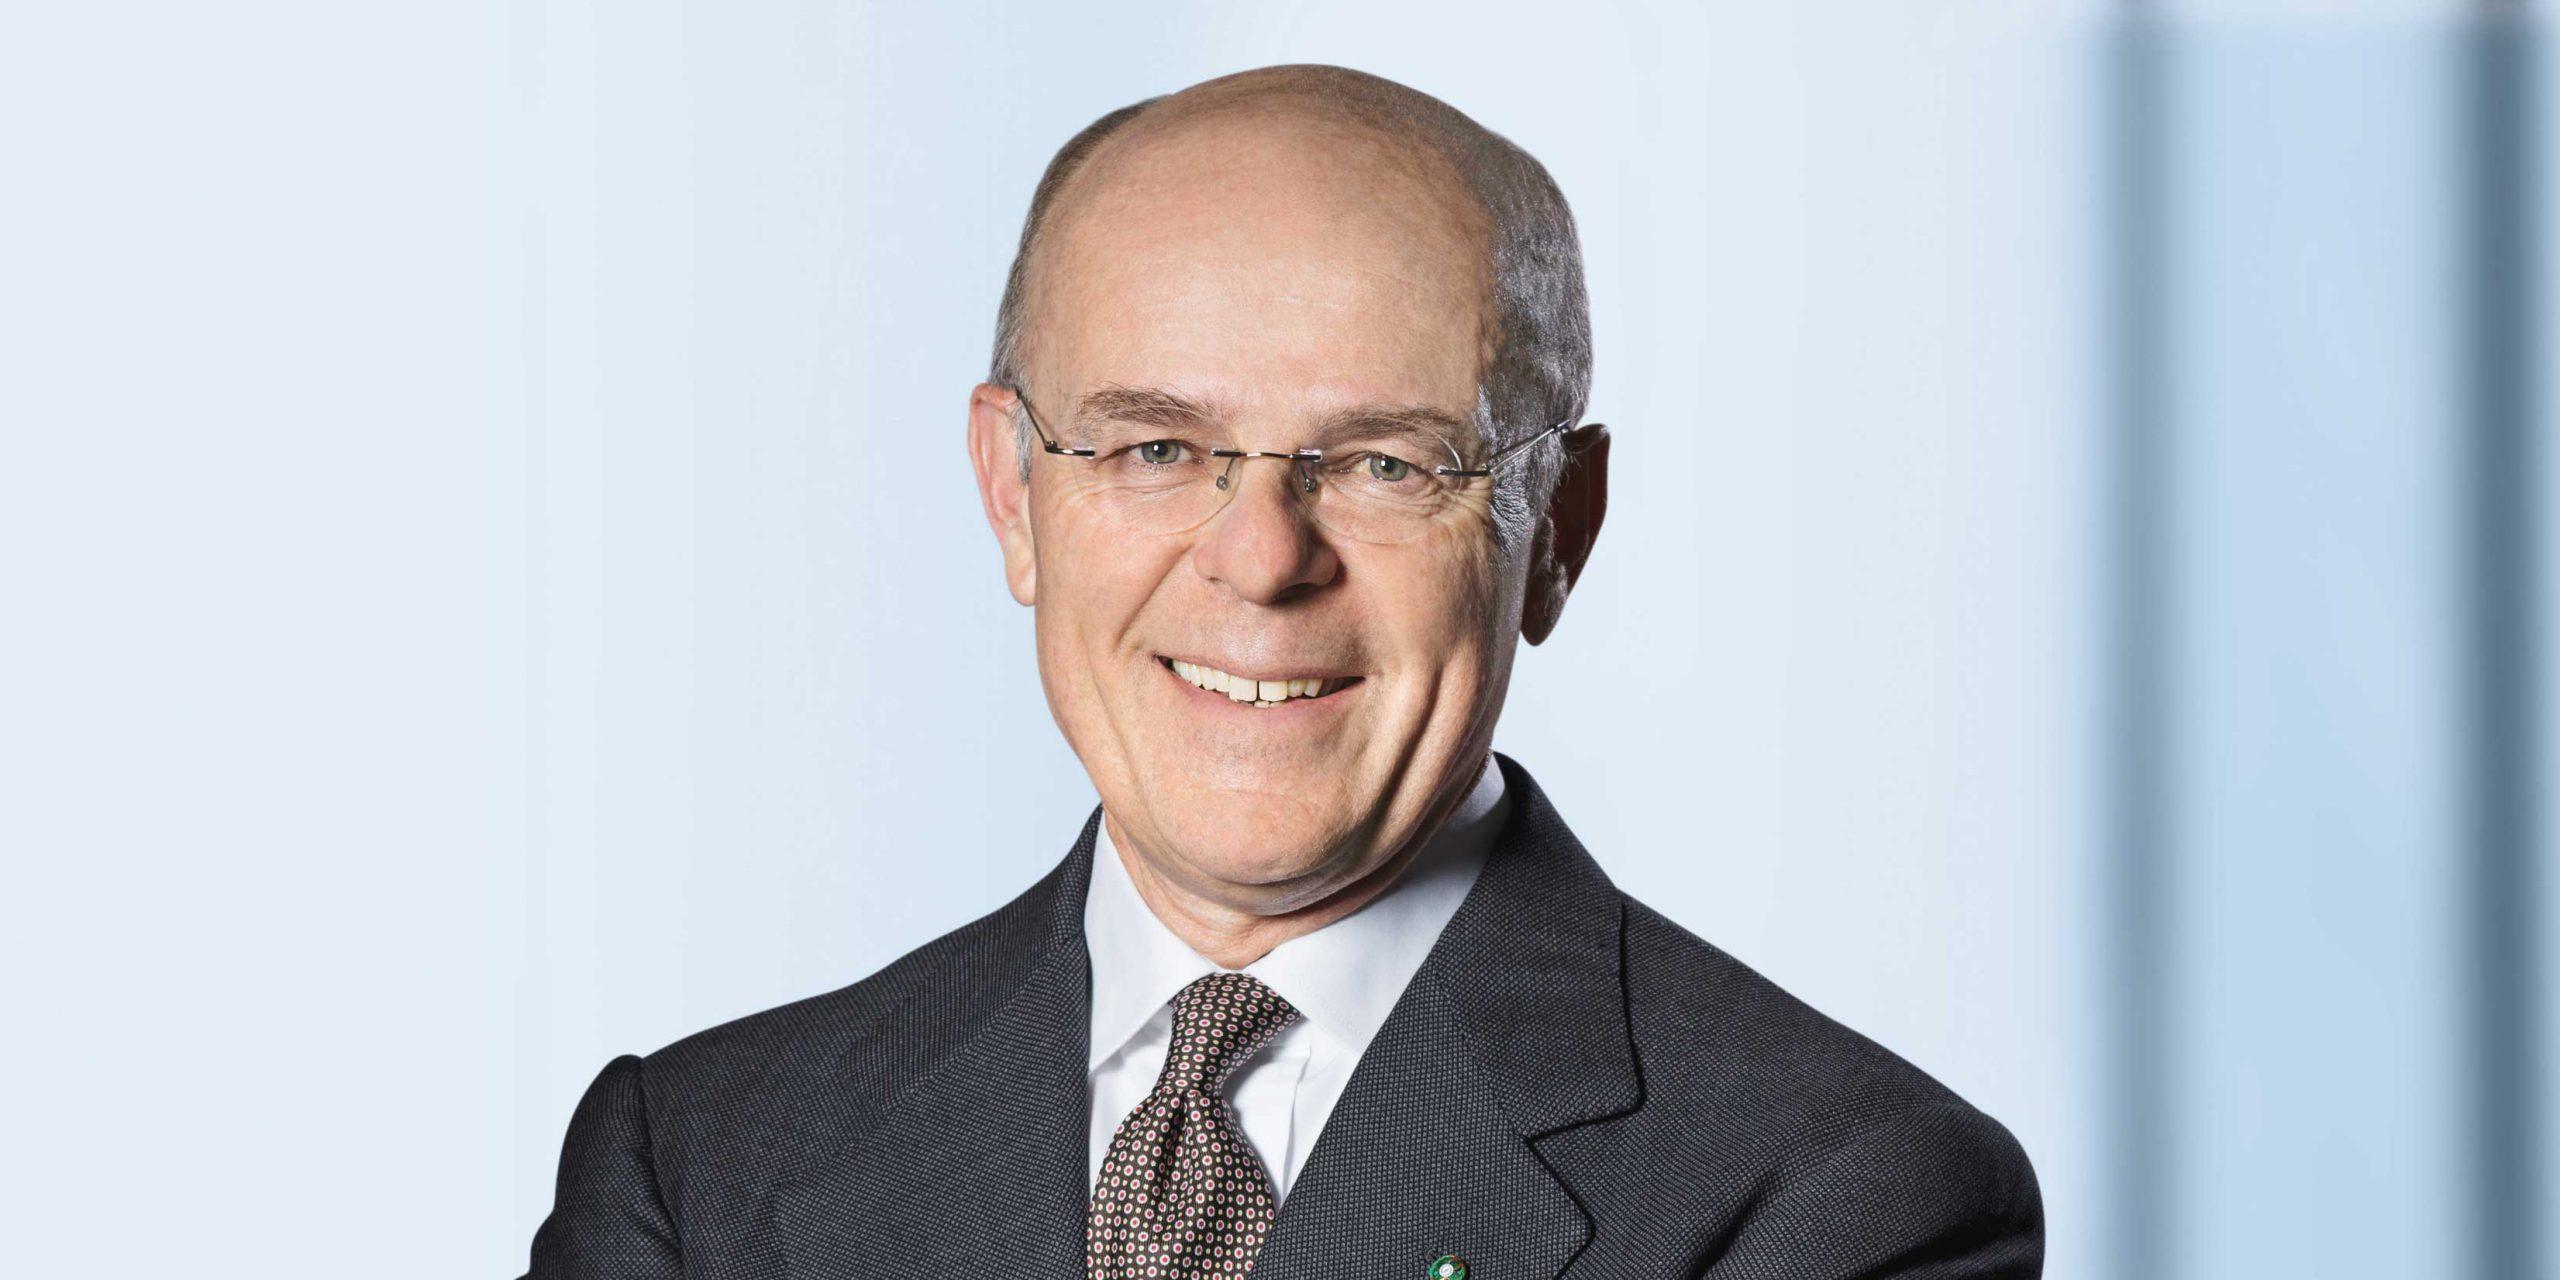 Mario Greco